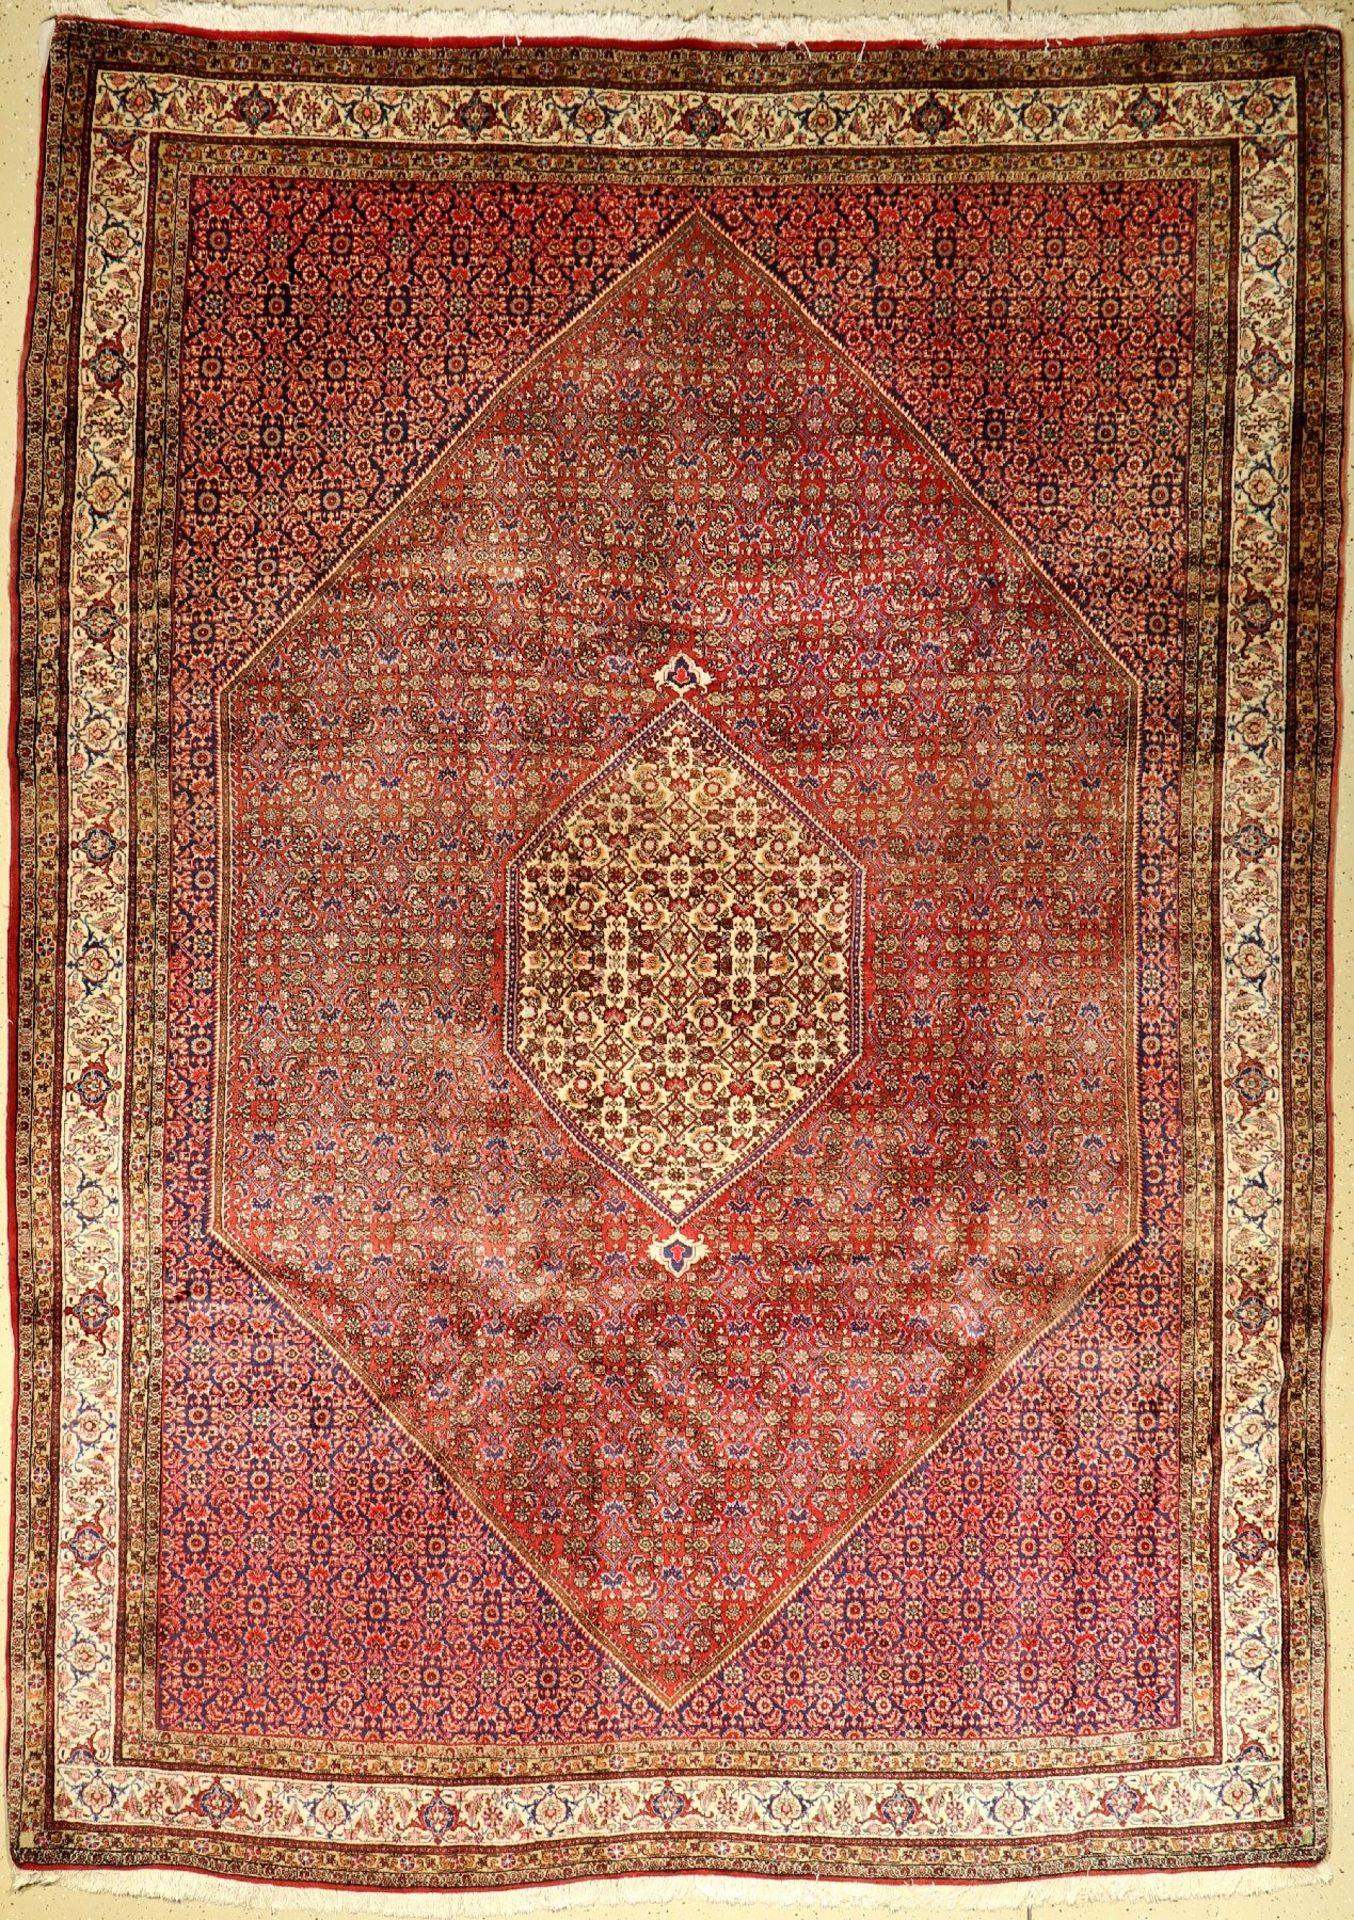 Bidjar, Persien, ca. 40 Jahre, Korkwolle, ca. 350 x 250 cm, EHZ: 2Bidjar, Persia, approx. 40